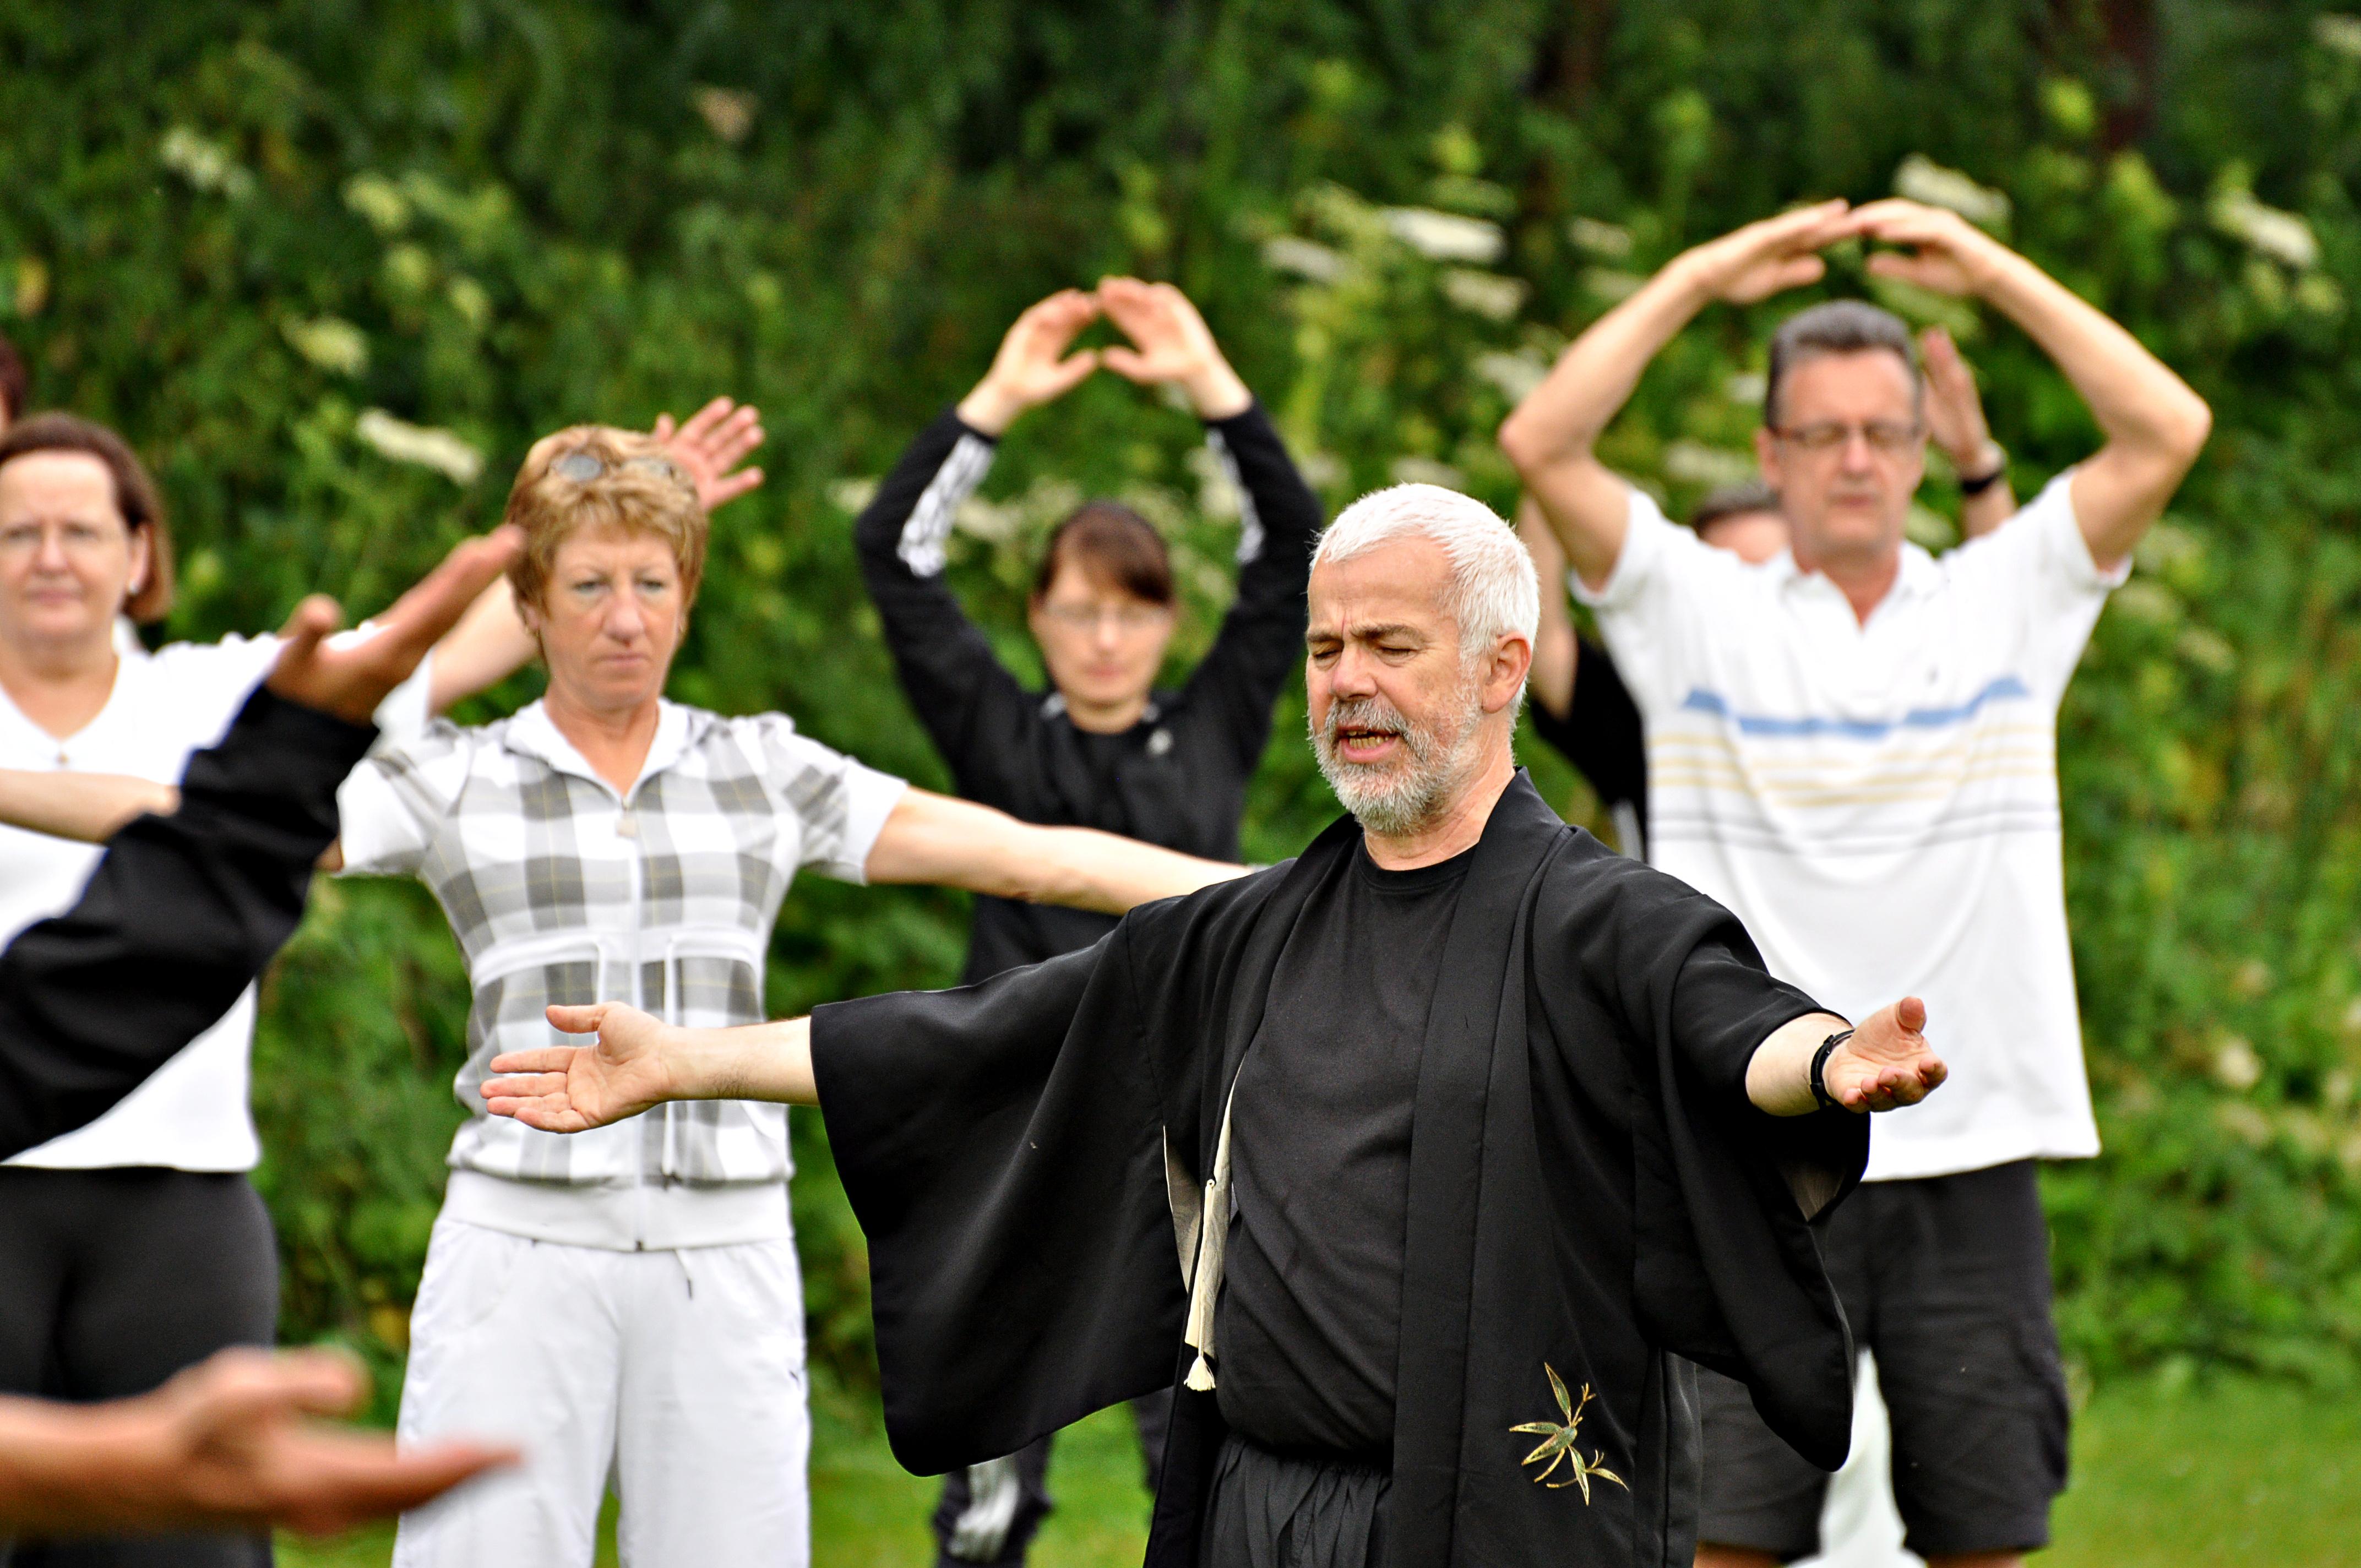 Mit Qigong gesund sein lernen